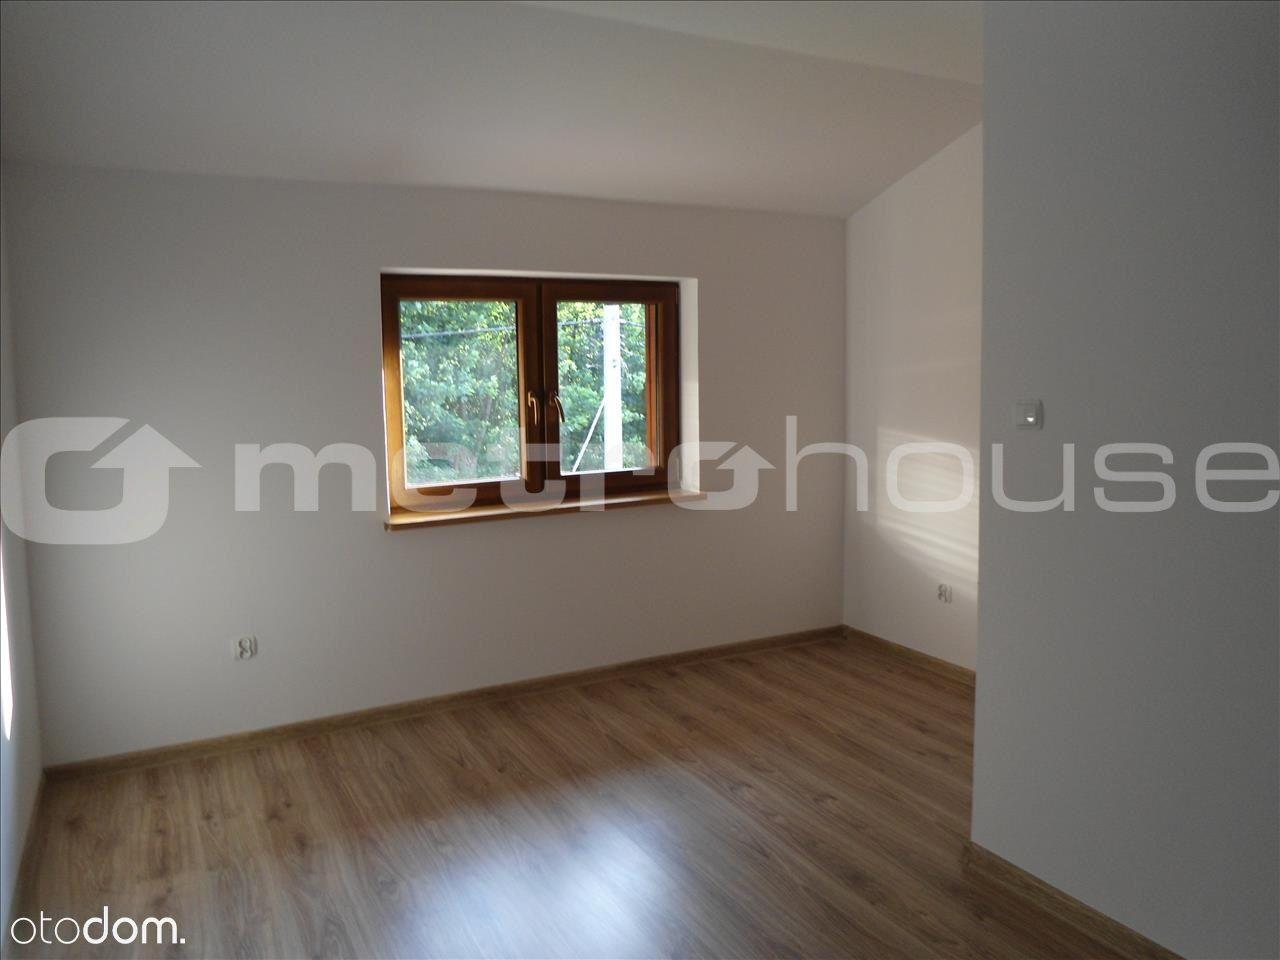 Dom na sprzedaż, Mieroszów, wałbrzyski, dolnośląskie - Foto 6